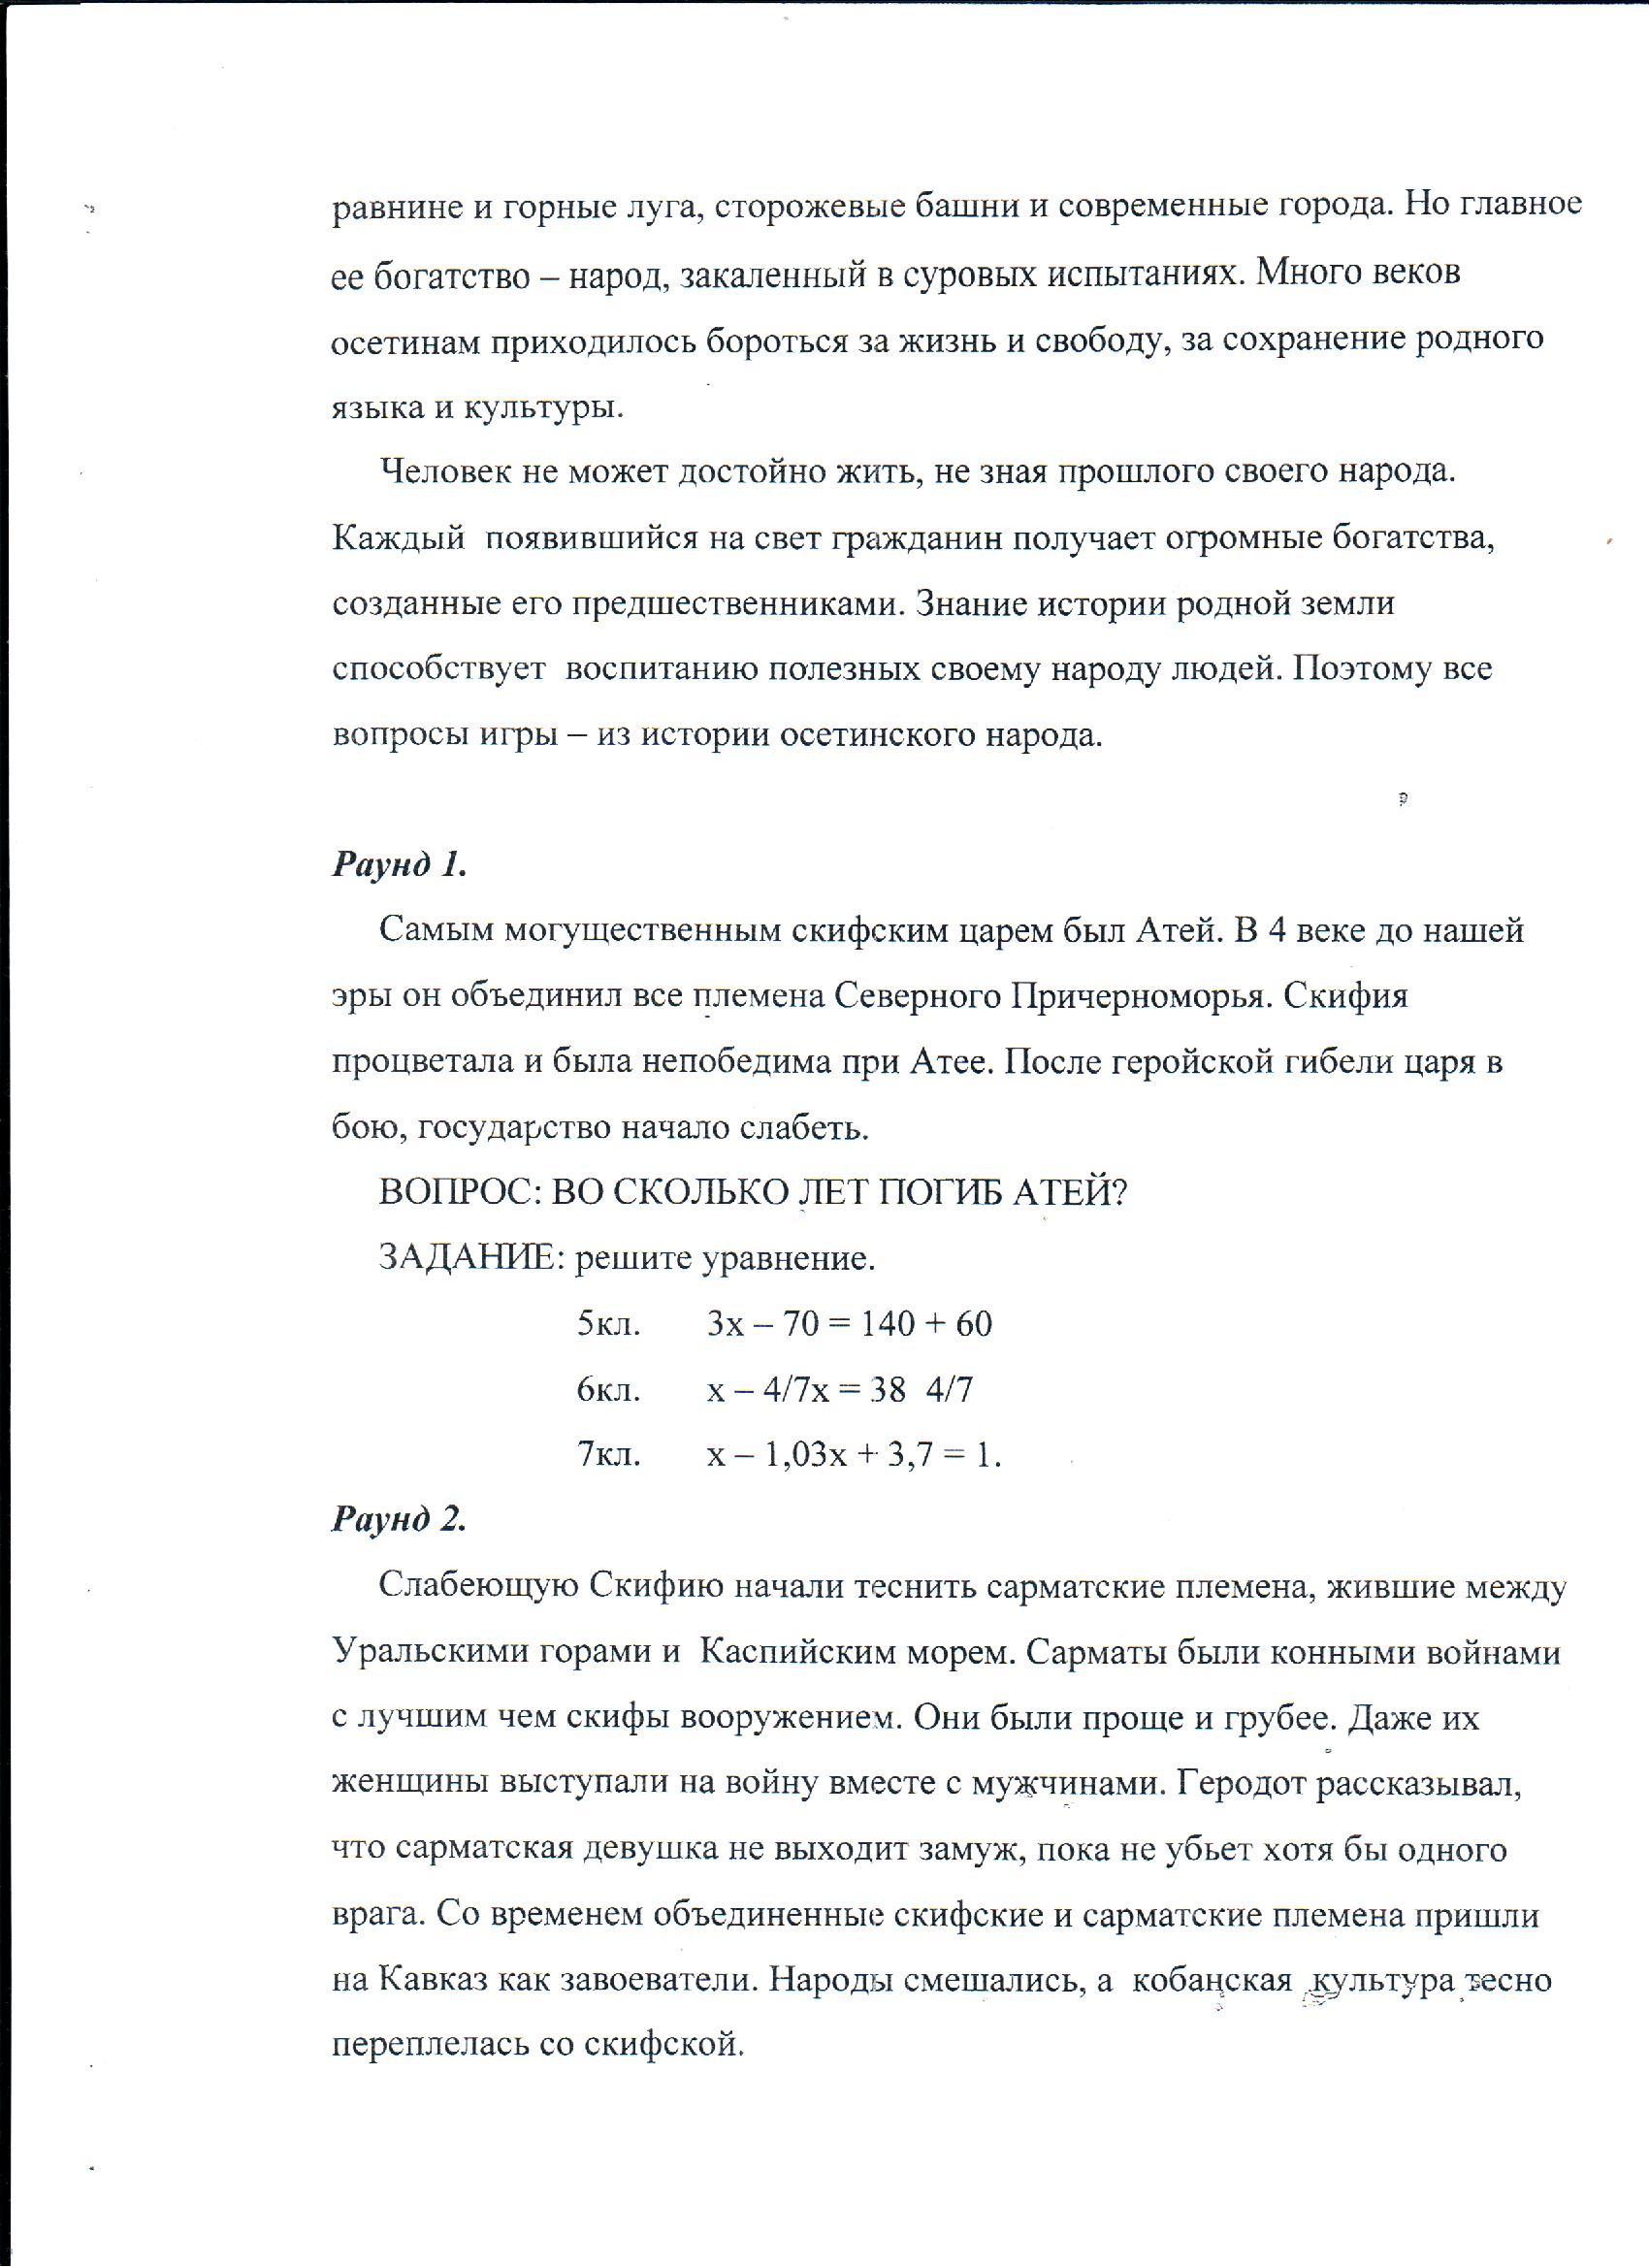 C:\Users\Пользователь\Desktop\Сценарий Состязание\состяз 4.jpeg